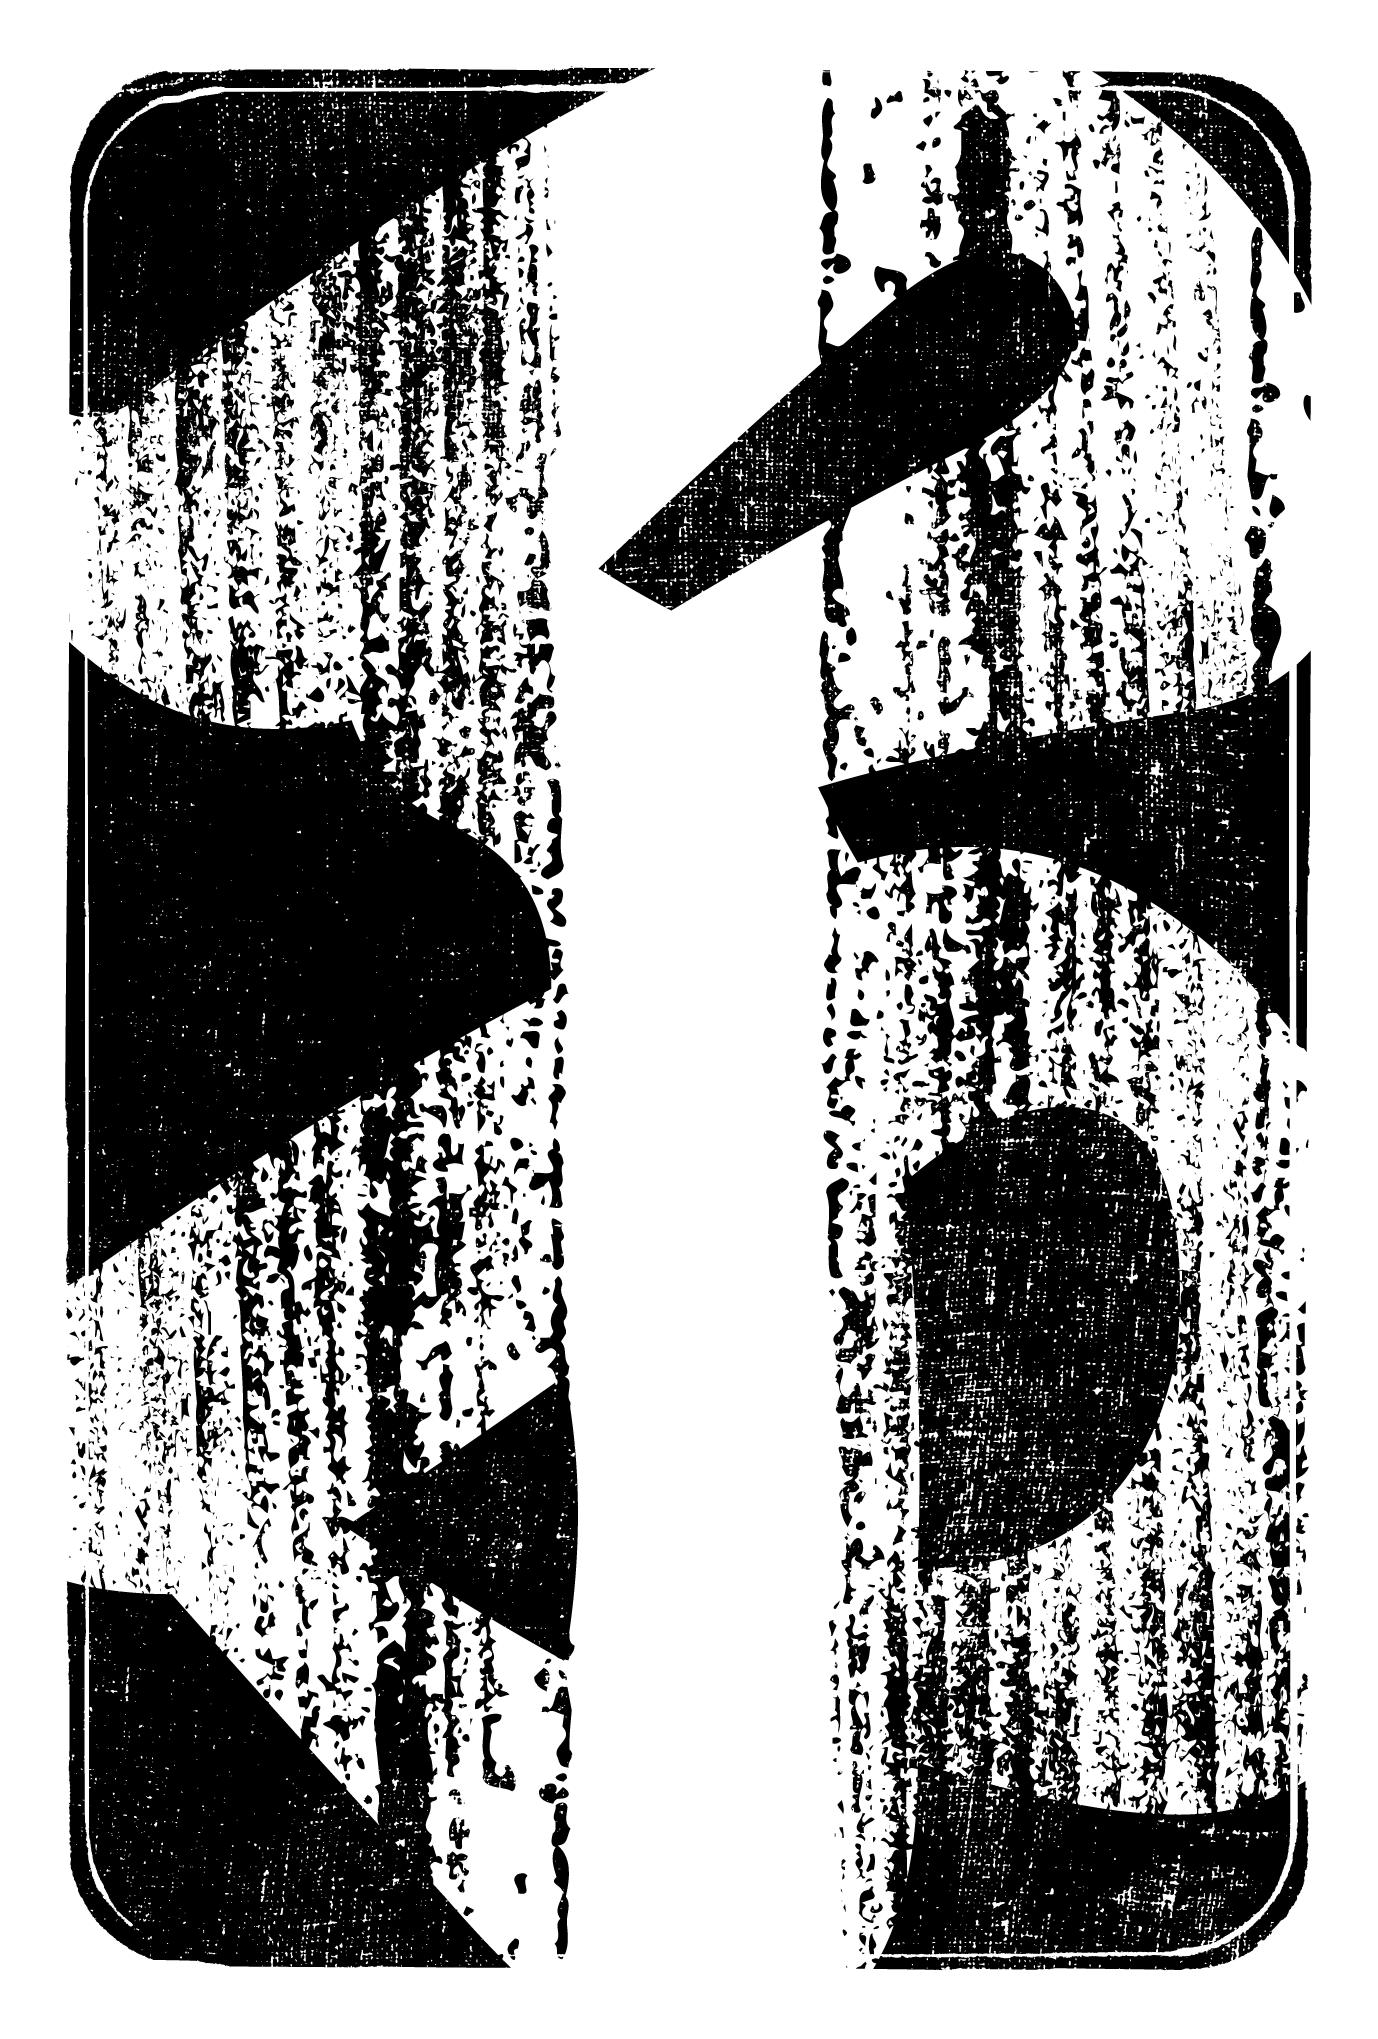 2020年賀状04-4:江戸勘亭流(子)墨のダウンロード画像